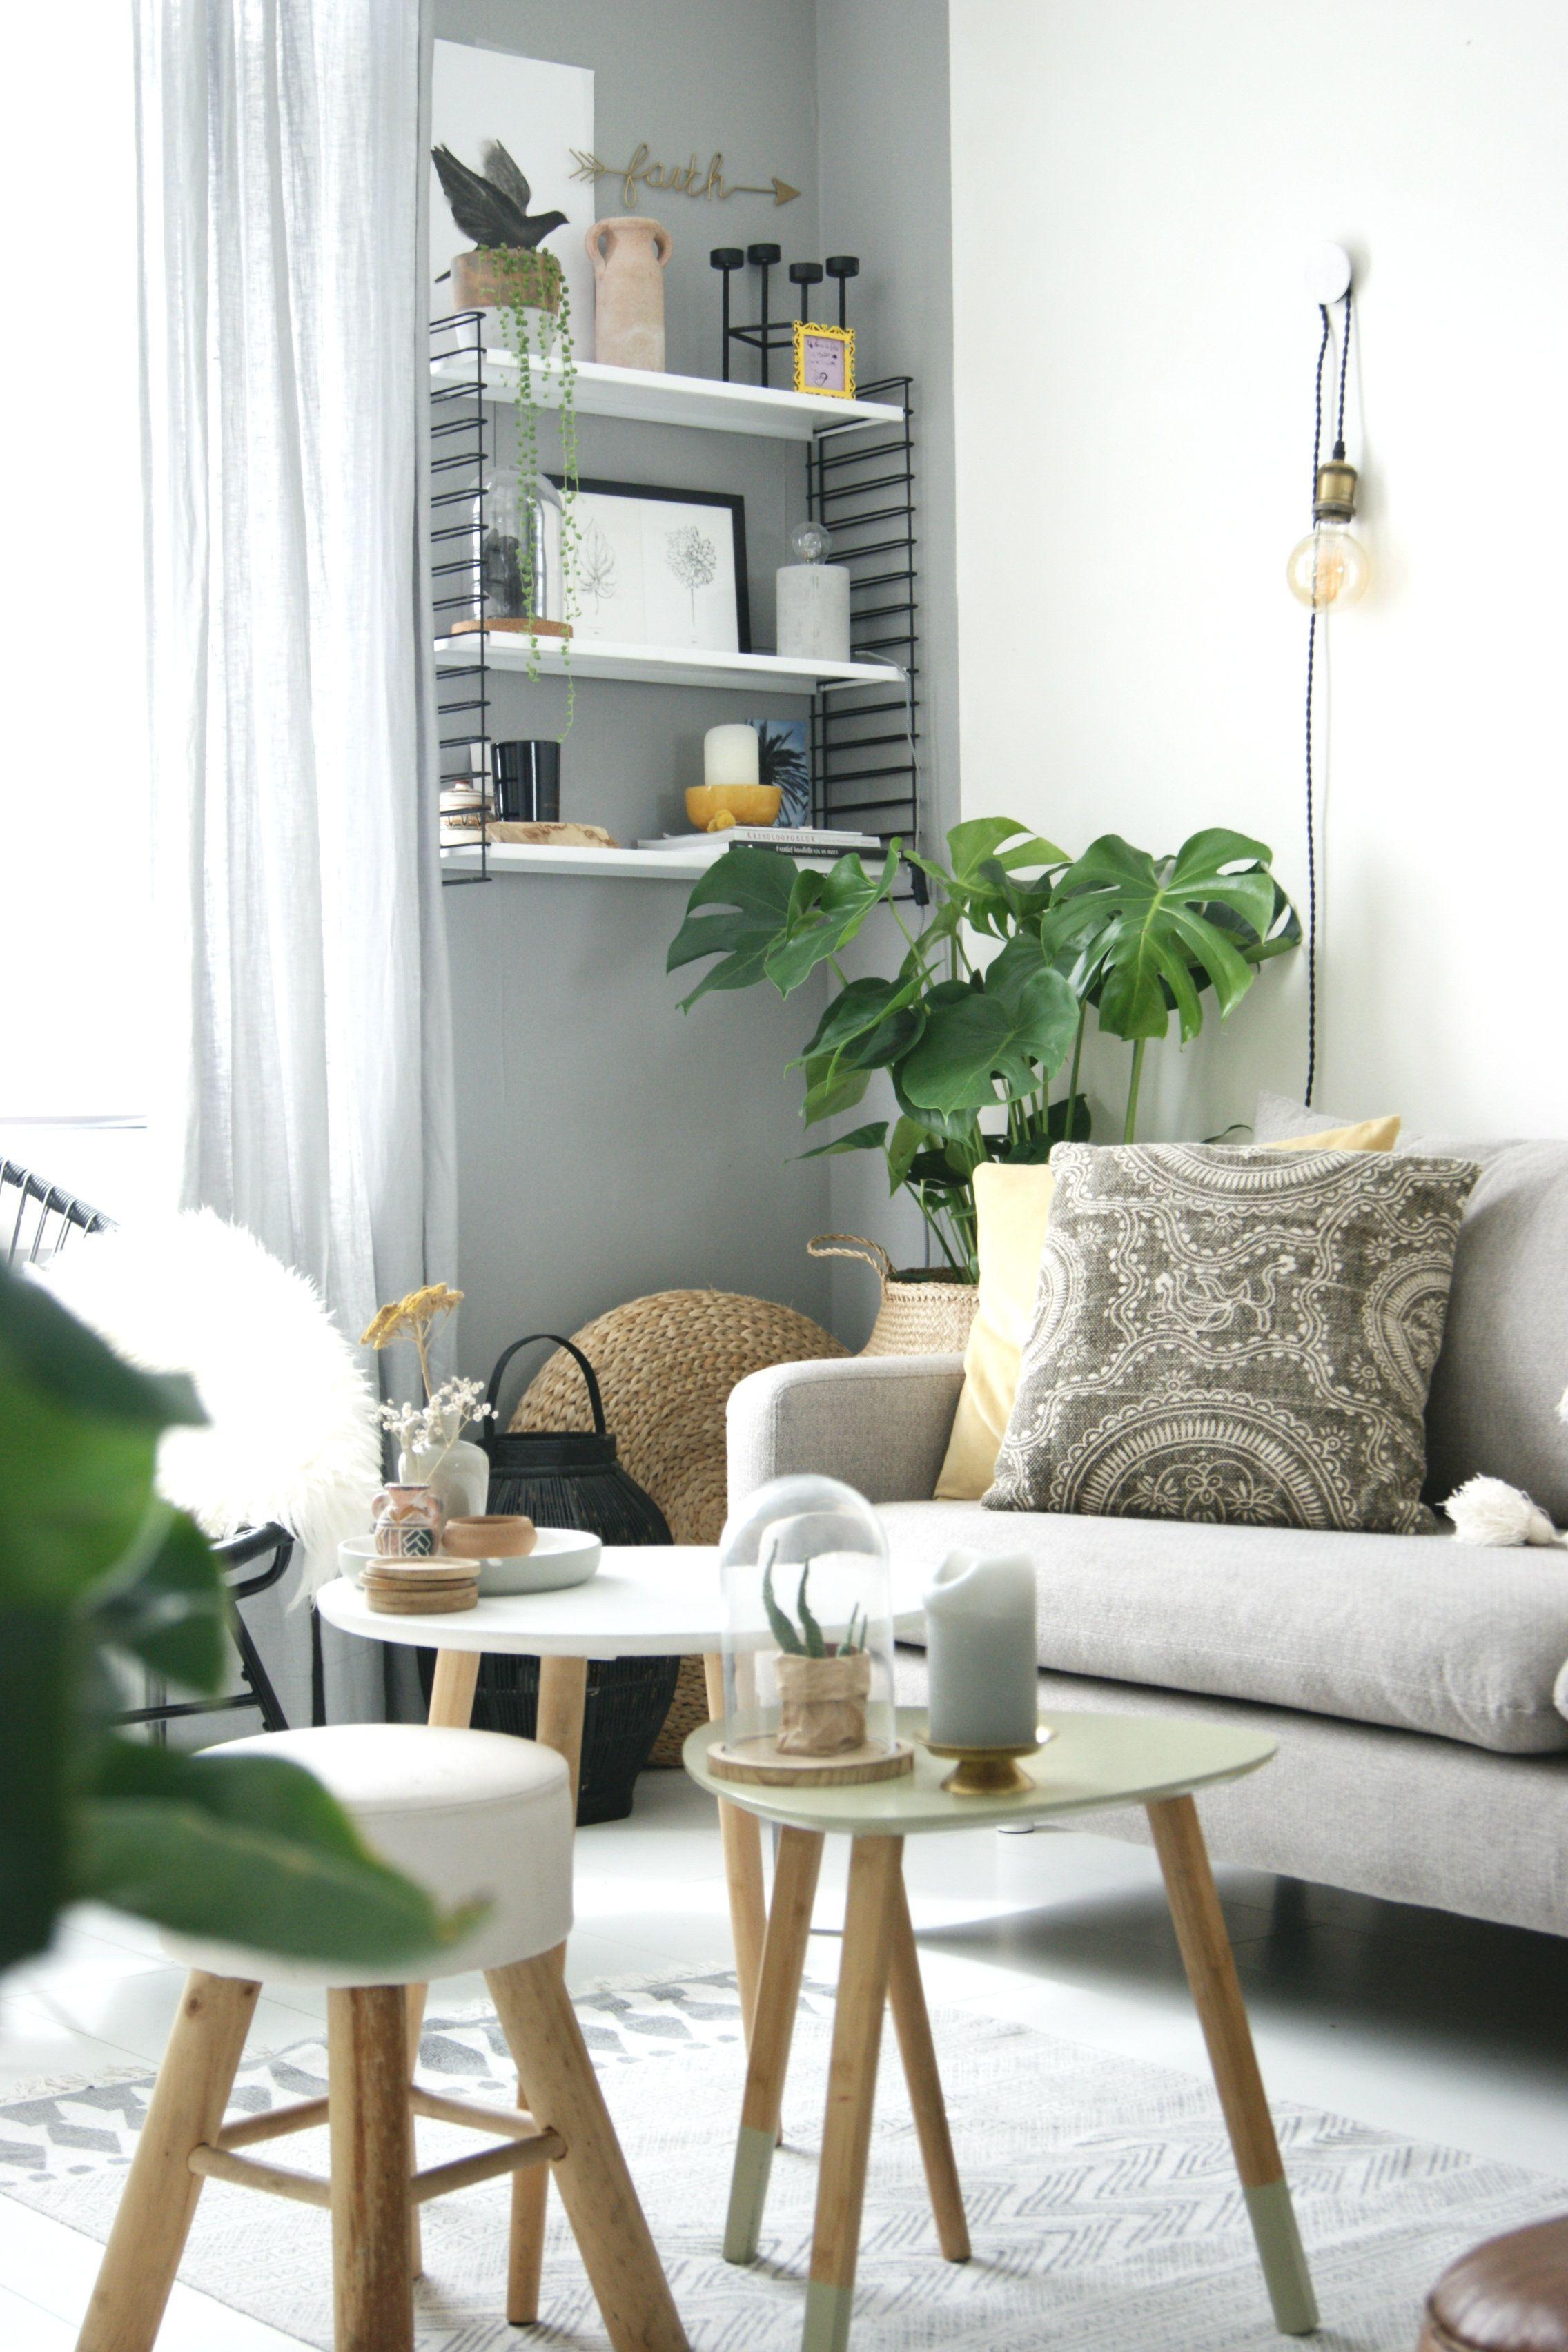 Ik ben gek op groen in huis. Het geeft je interieur zoveel sfeer en ...